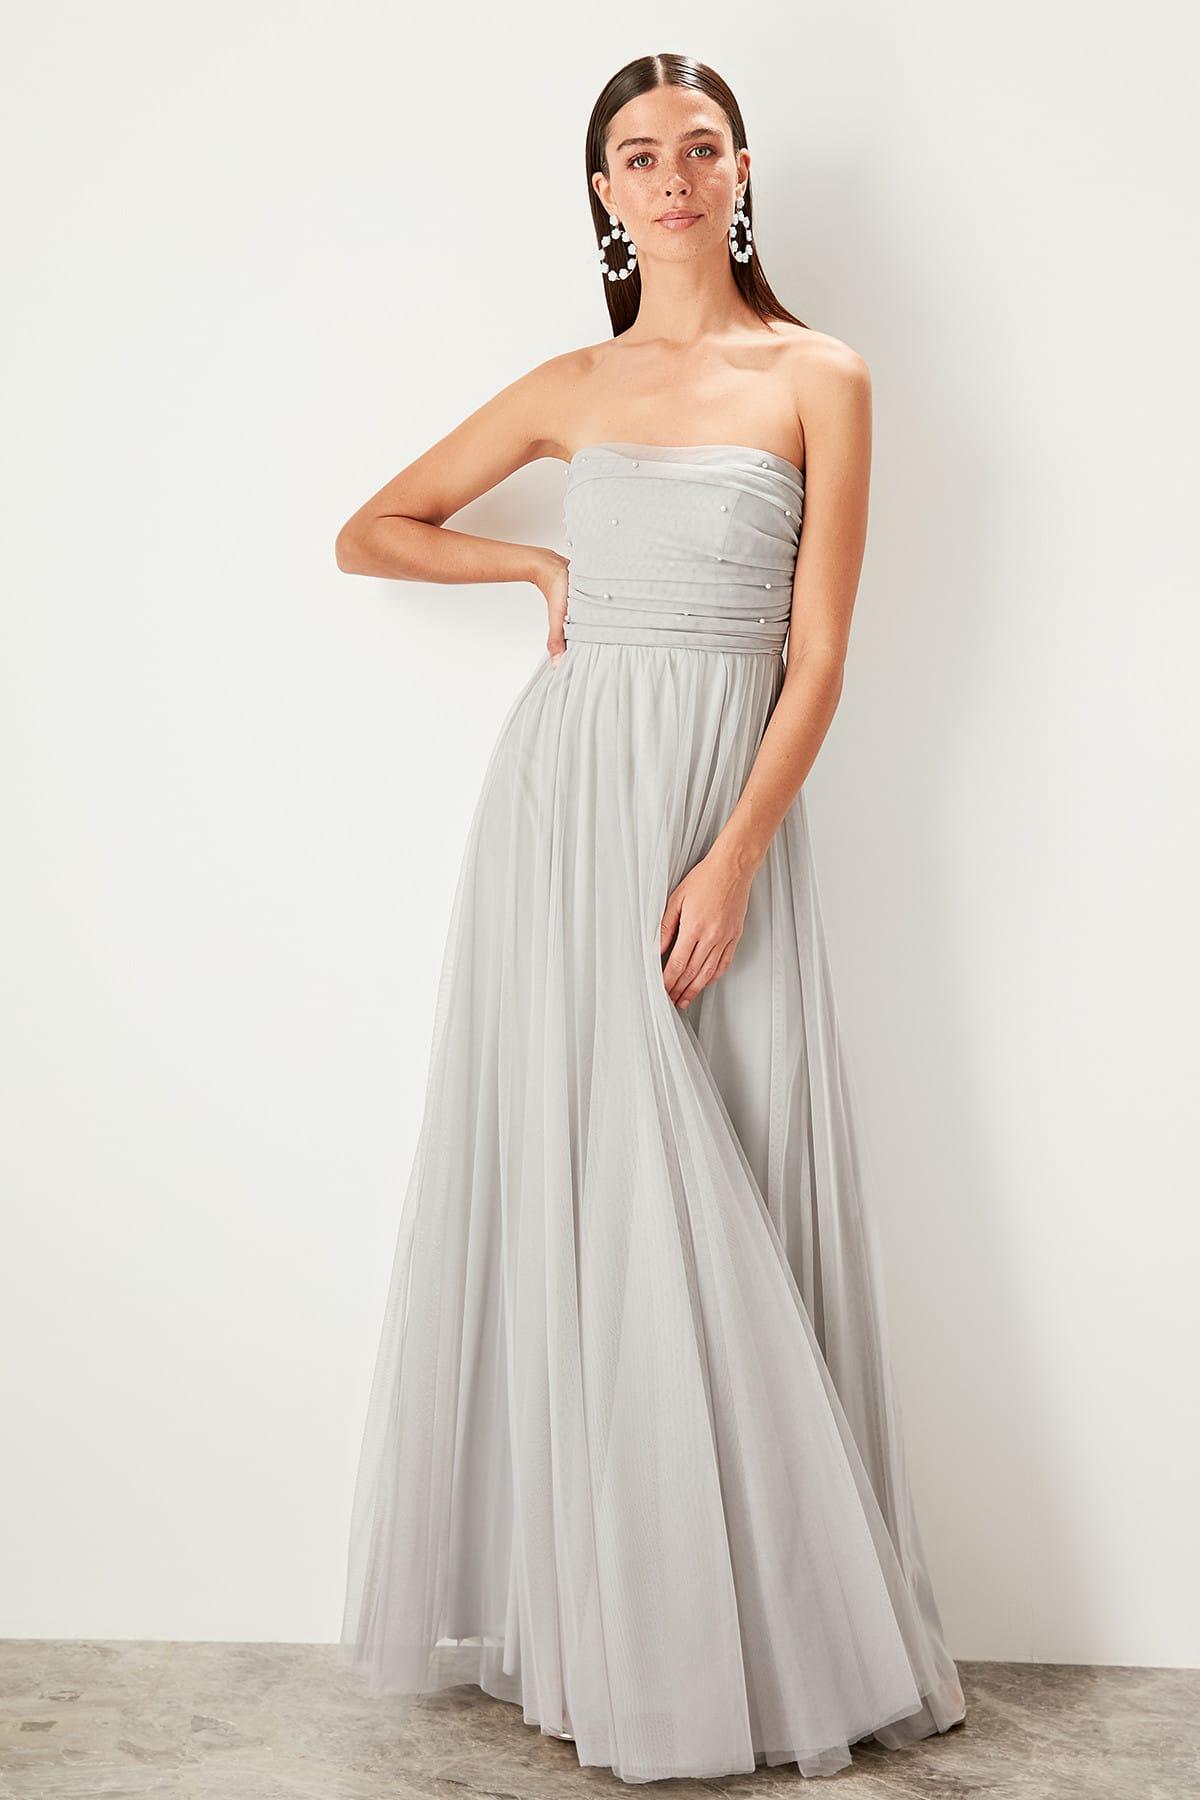 Trendyol dámske večerné šaty s perličkami